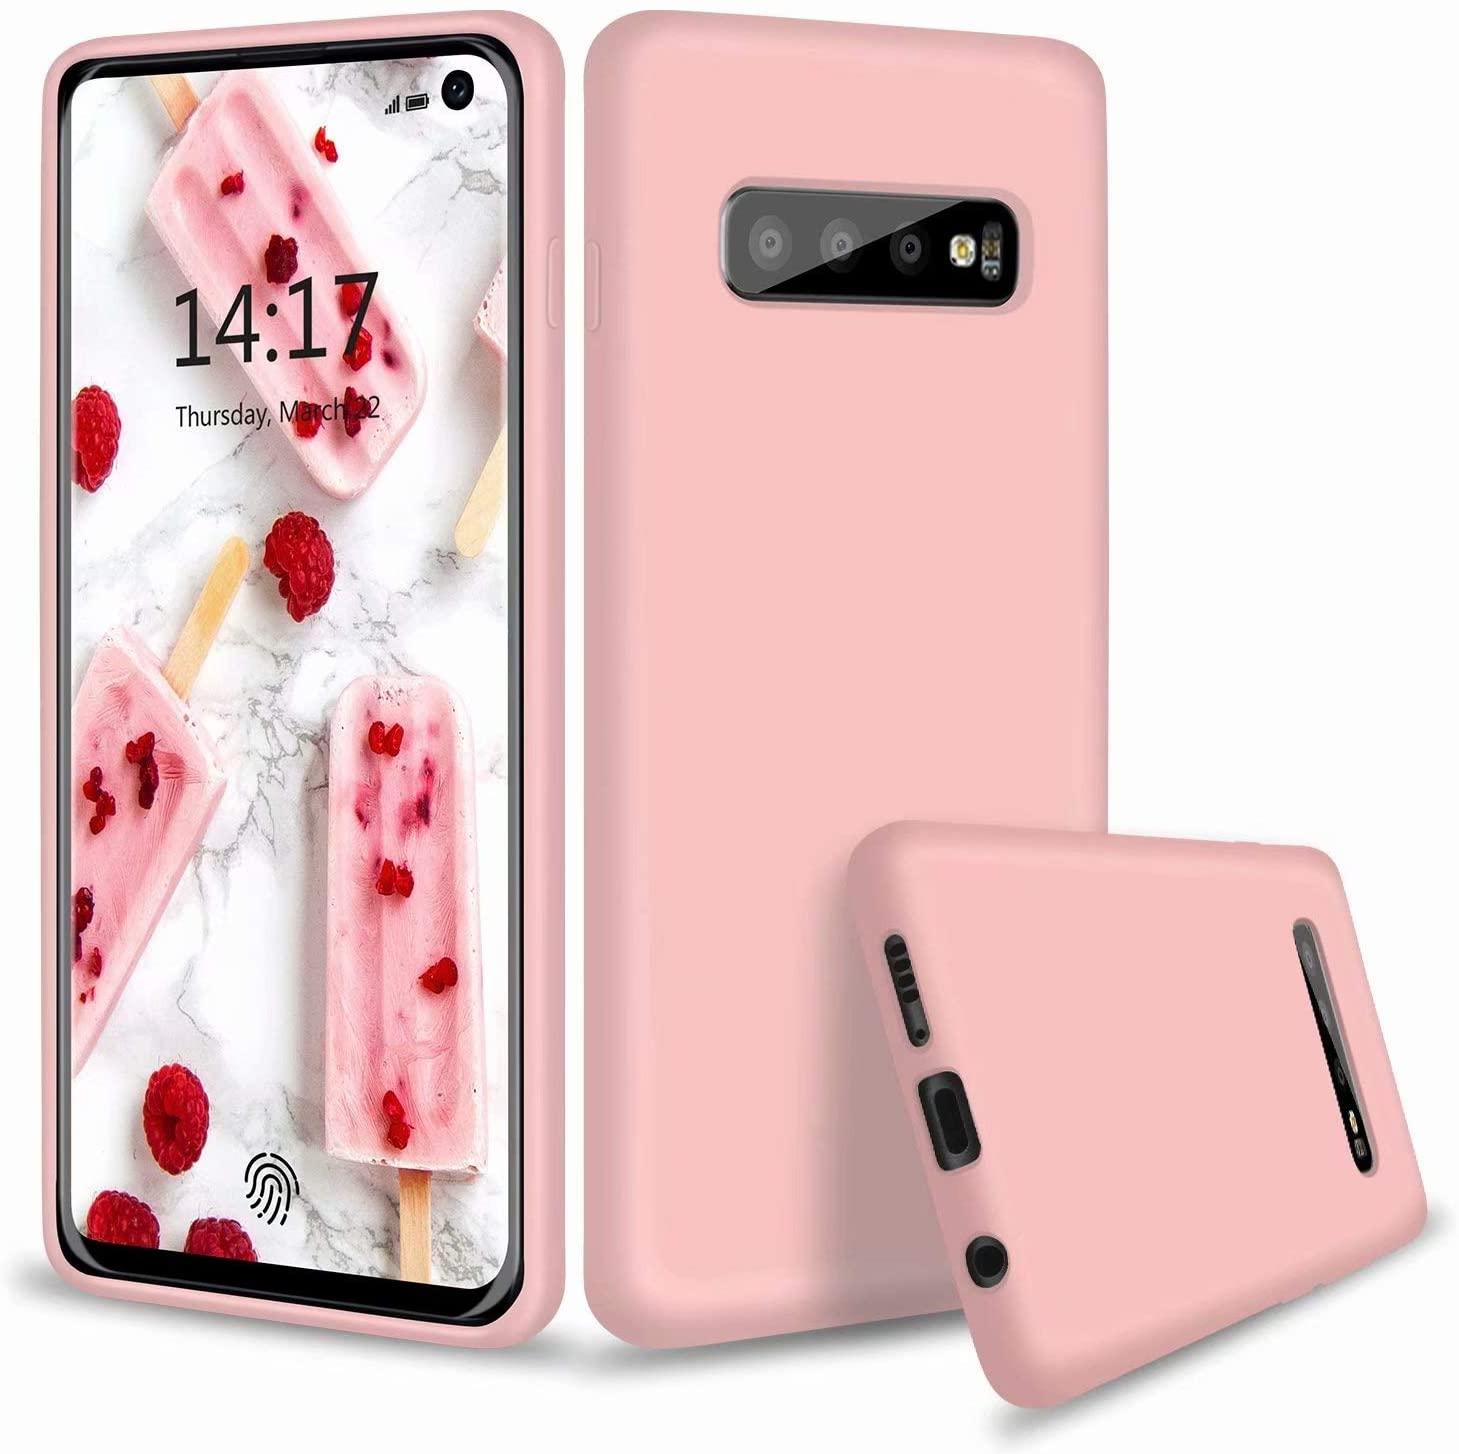 Coque Silicone Pour Samsung S10 Plus Couleur Rose Haute Protection Little Boutik®